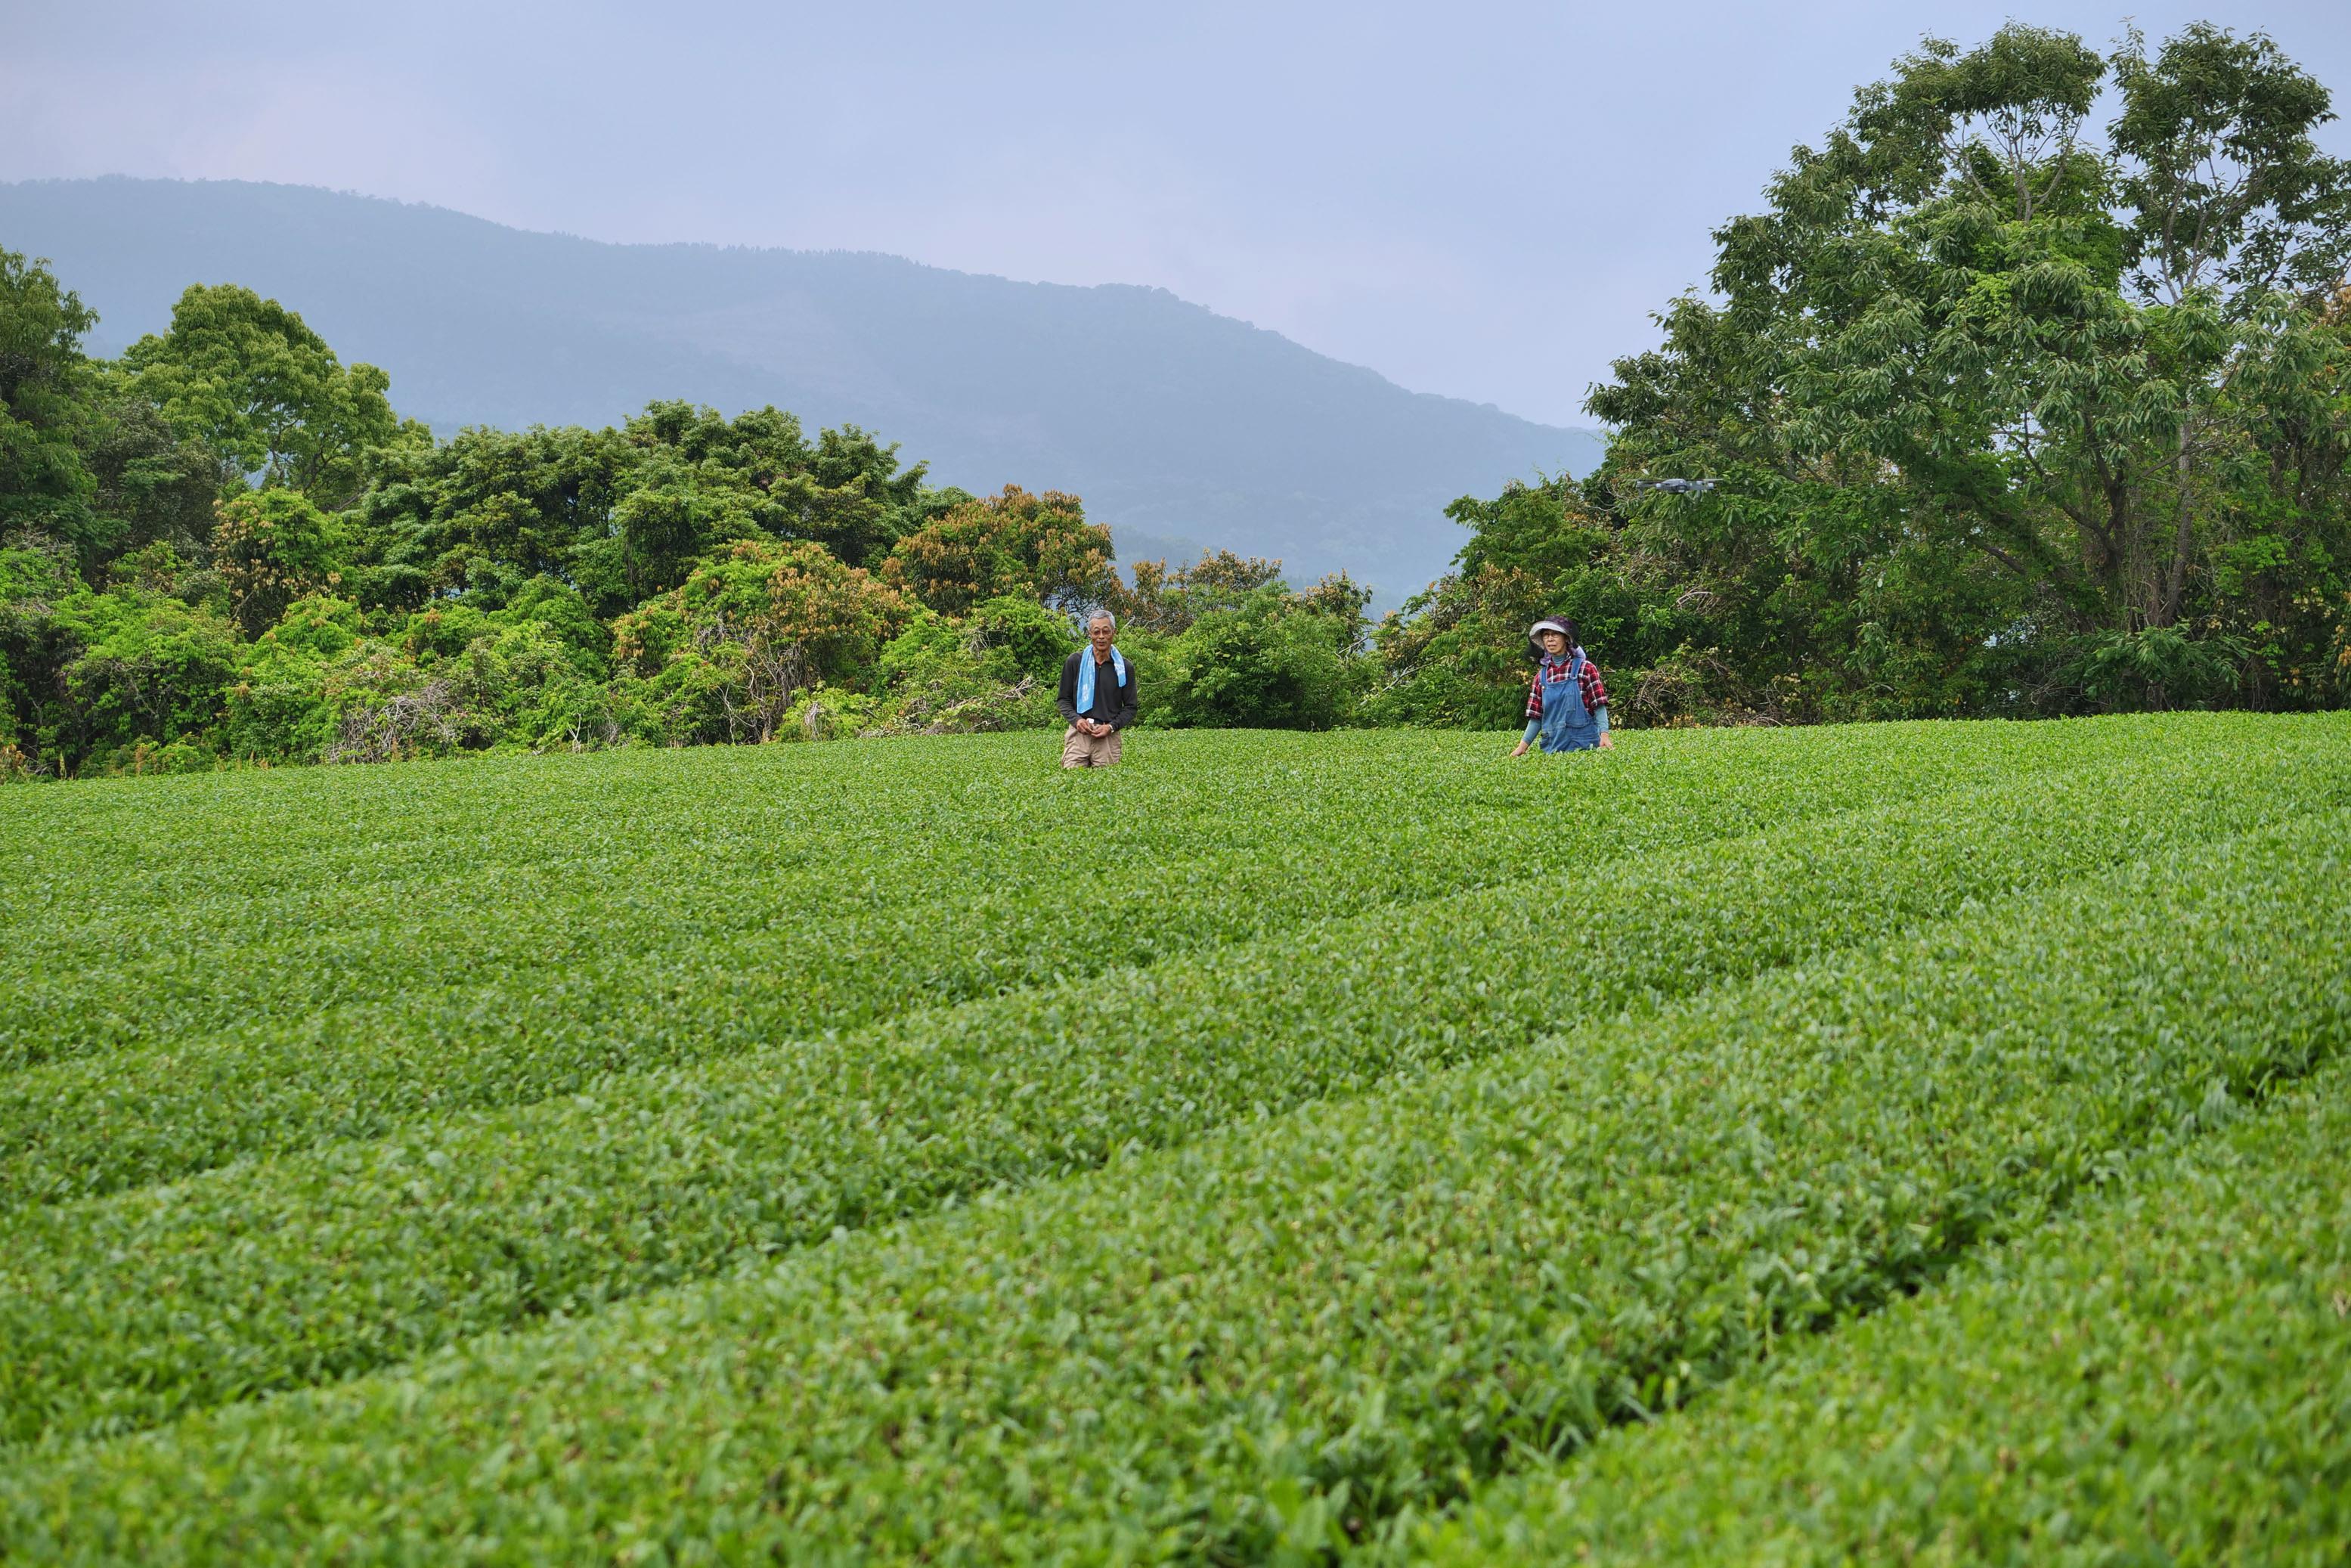 Teegartenparzelle in der Lage Makiuchiyama: Die Pflanzen der Varietät Yutaka Midori von diesem Standort bilden den Hauptteil des Morimoto Shincha 2019.